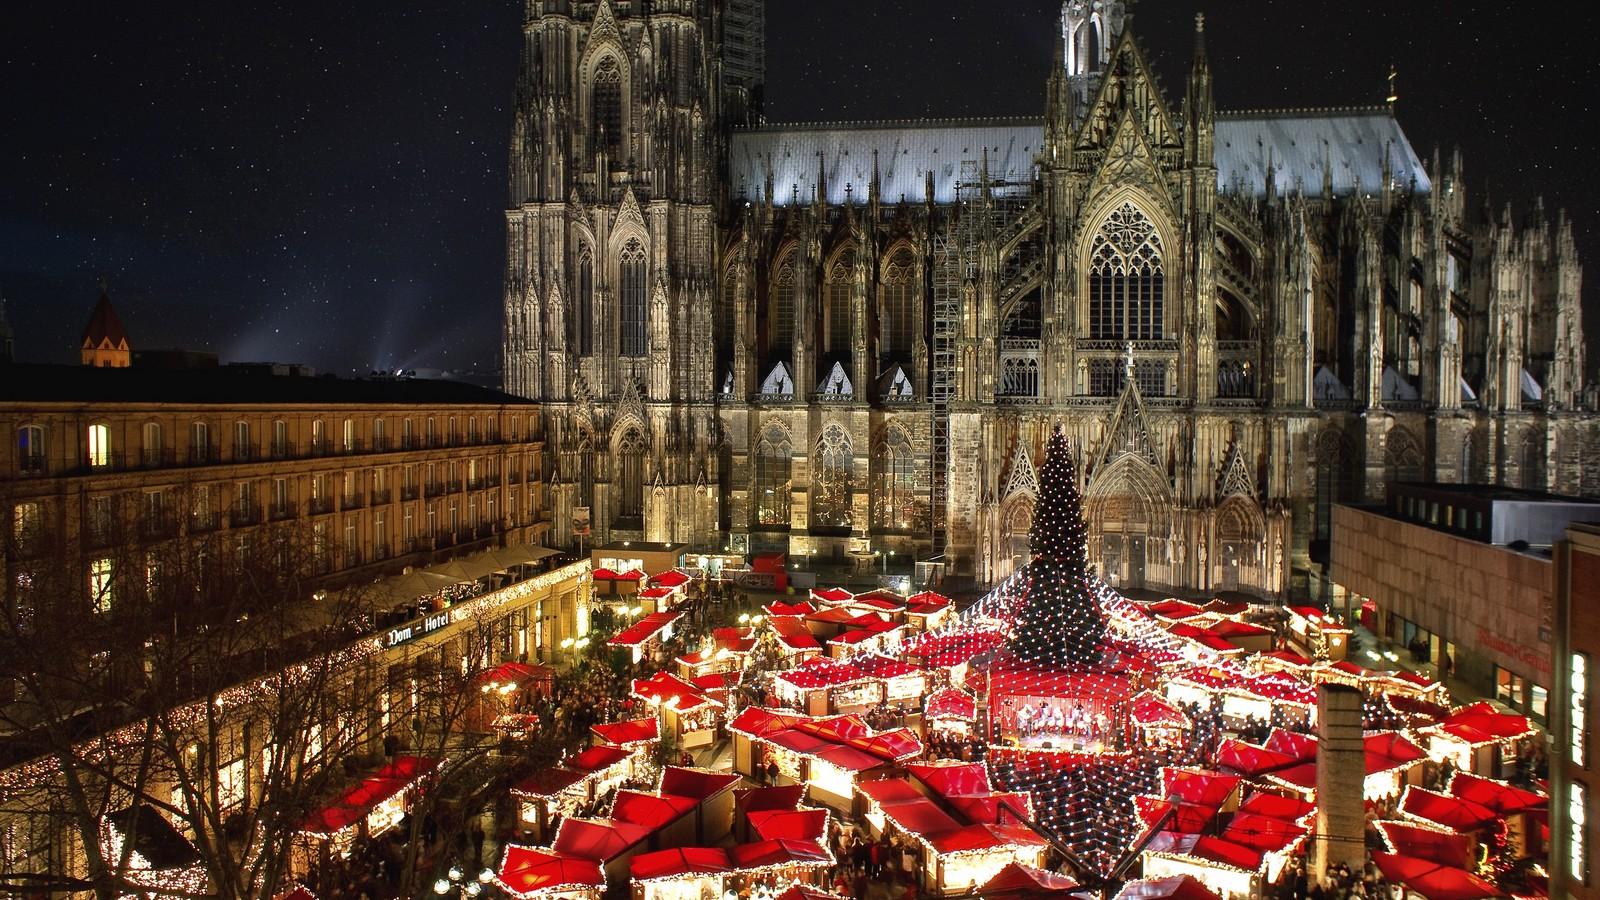 Weihnachtsmarkt in Köln am Dom